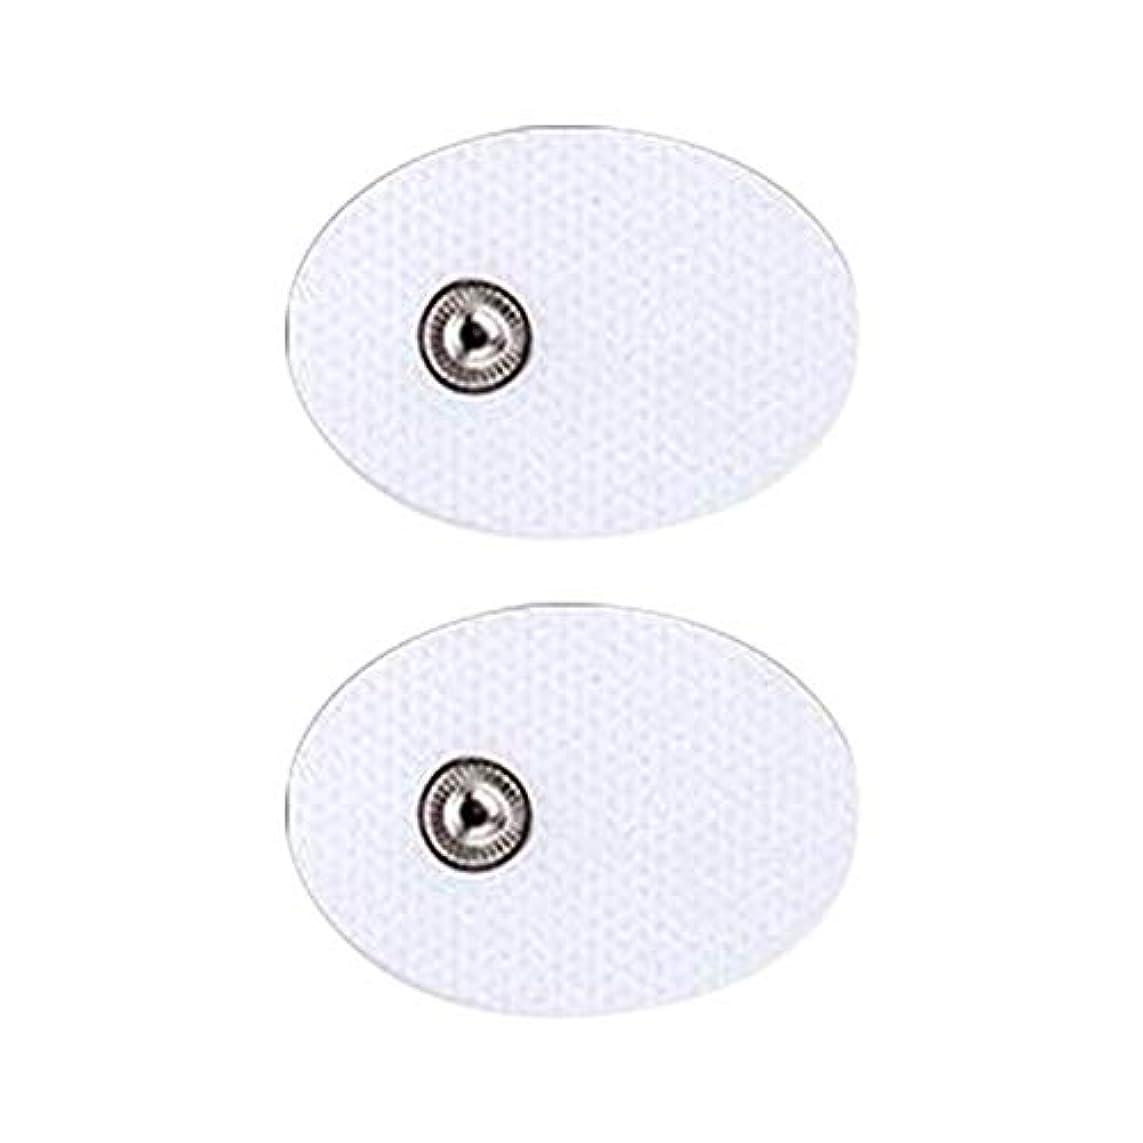 囲い犠牲かる5ペア/10枚入り 電気TENS 低周波治療器 交換用パッド 迅速で効果的に痛み緩和治療デバイス 全身用電気デジタルパルス 刺激マッサージャー (2A)